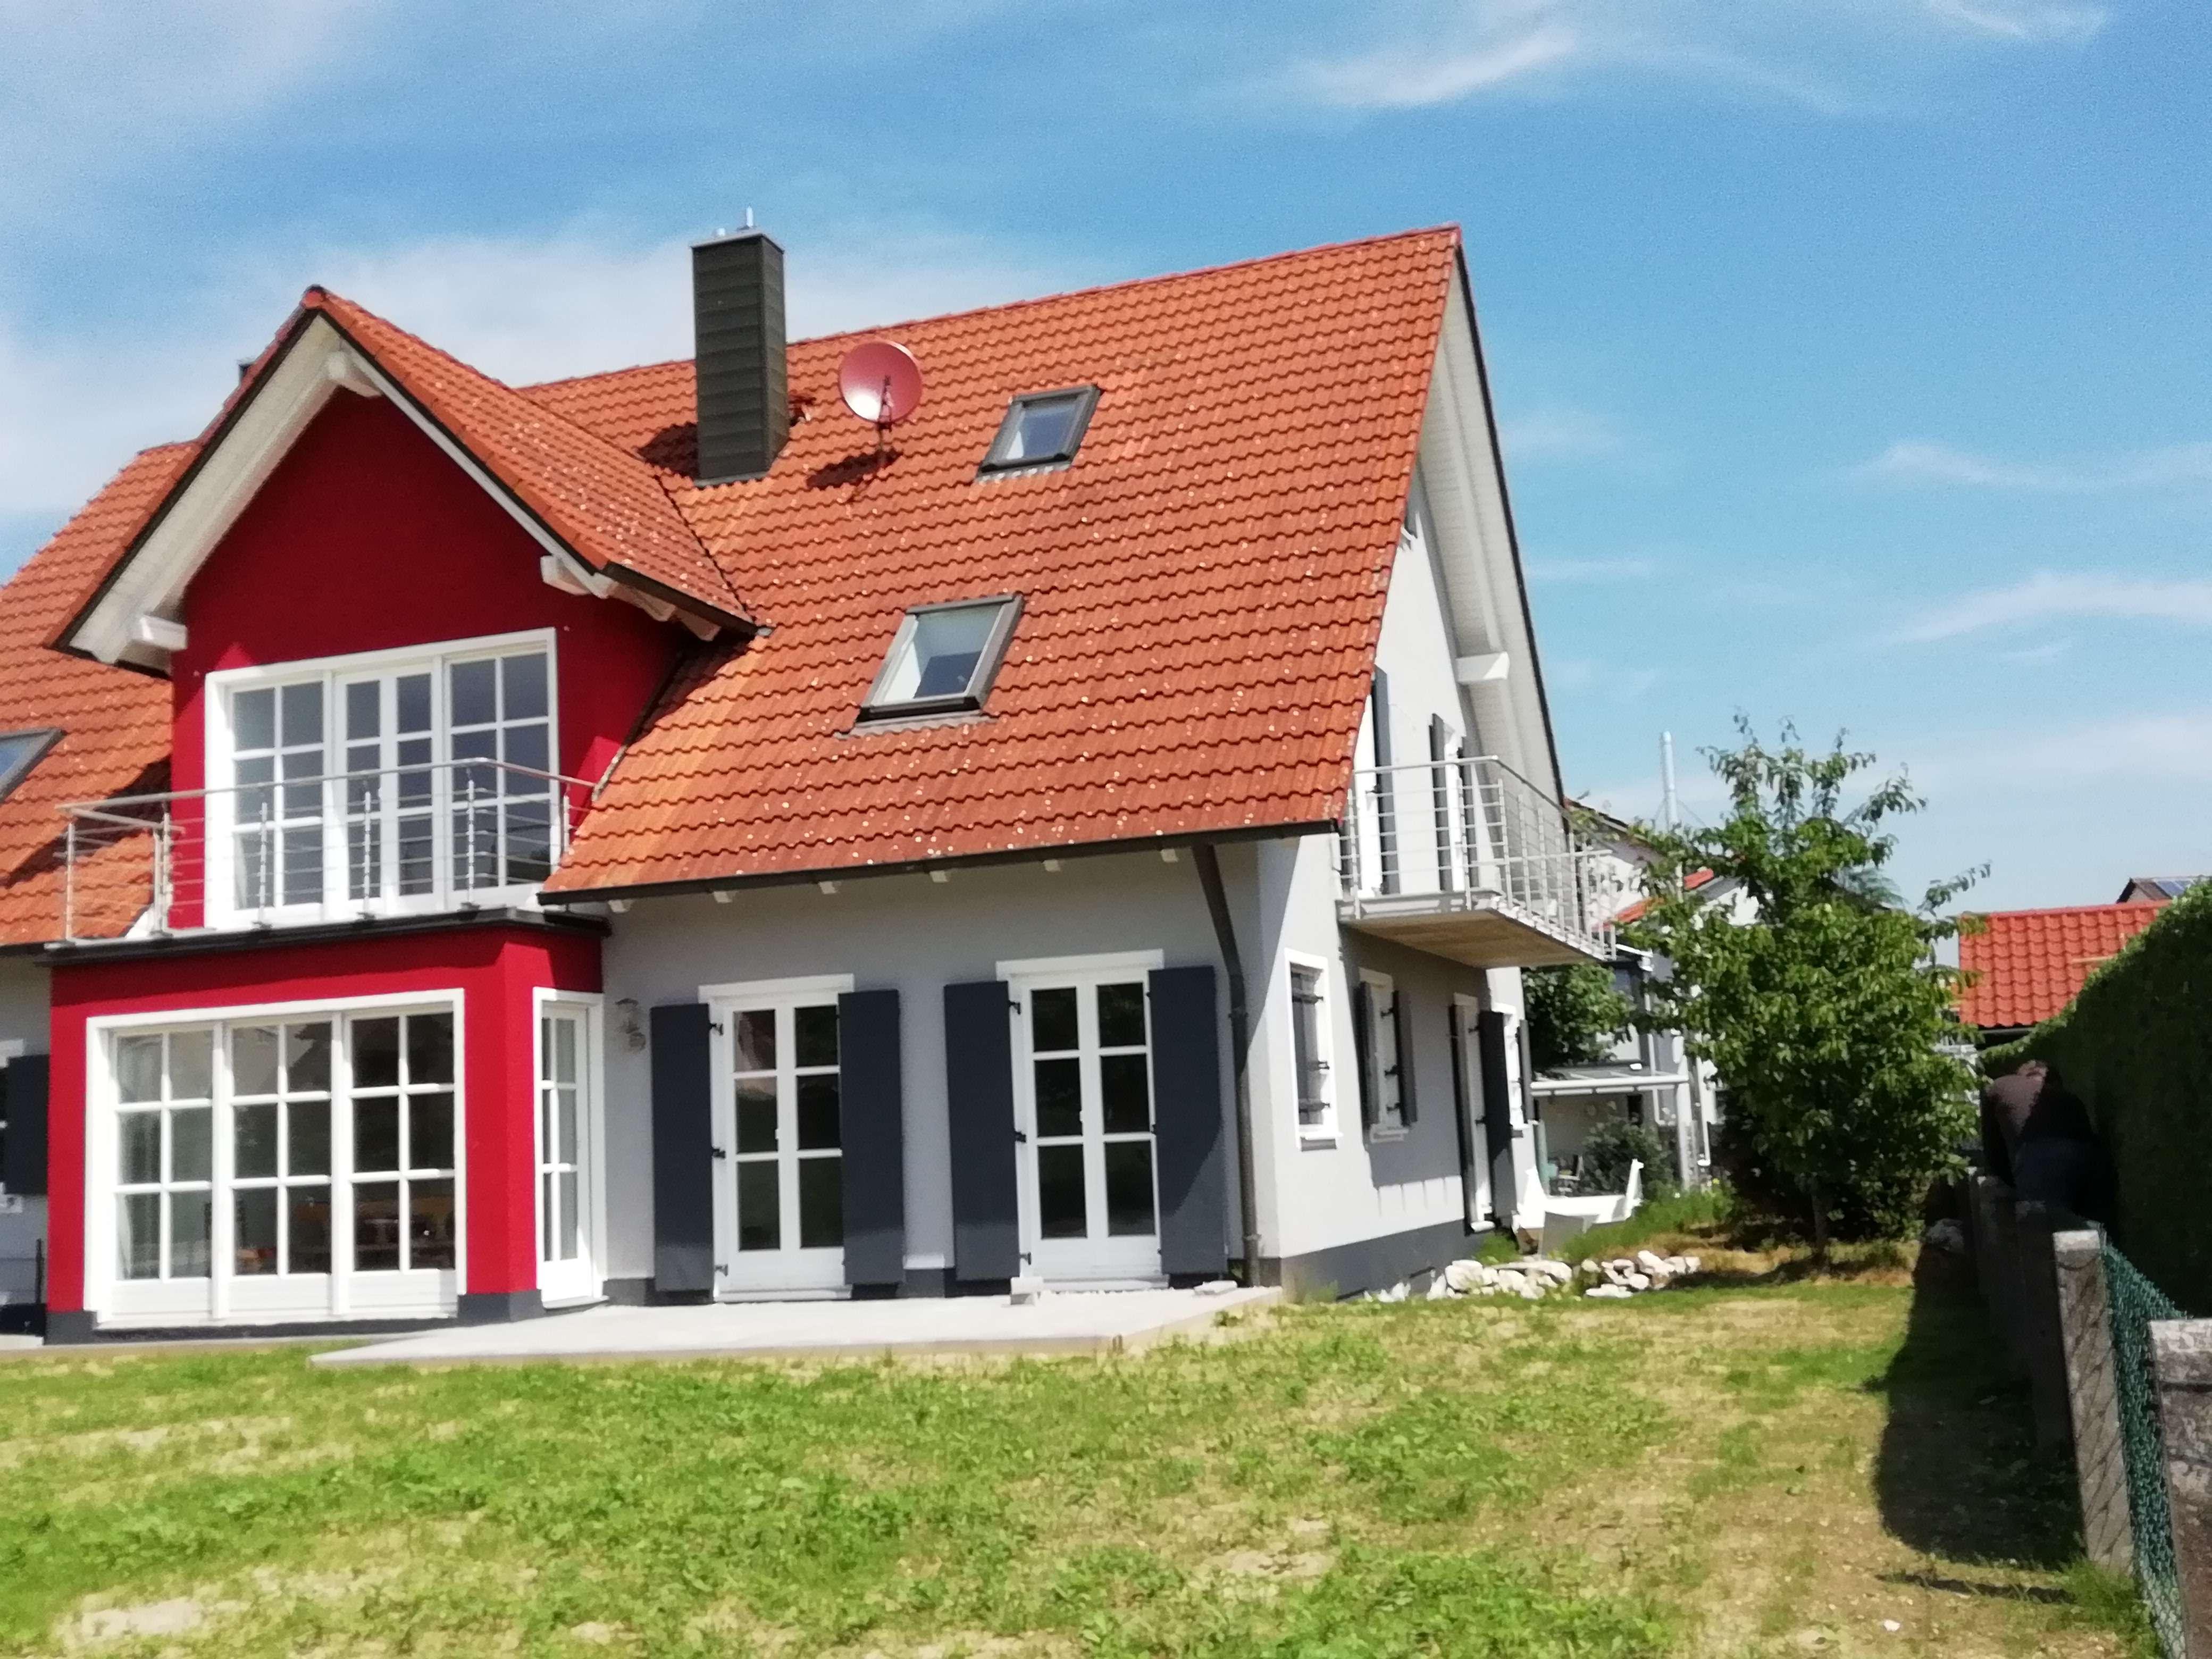 Neuwertige 5-Zimmer-EG-Wohnung mit Balkon in Schrobenhausen/Sandizel in Schrobenhausen